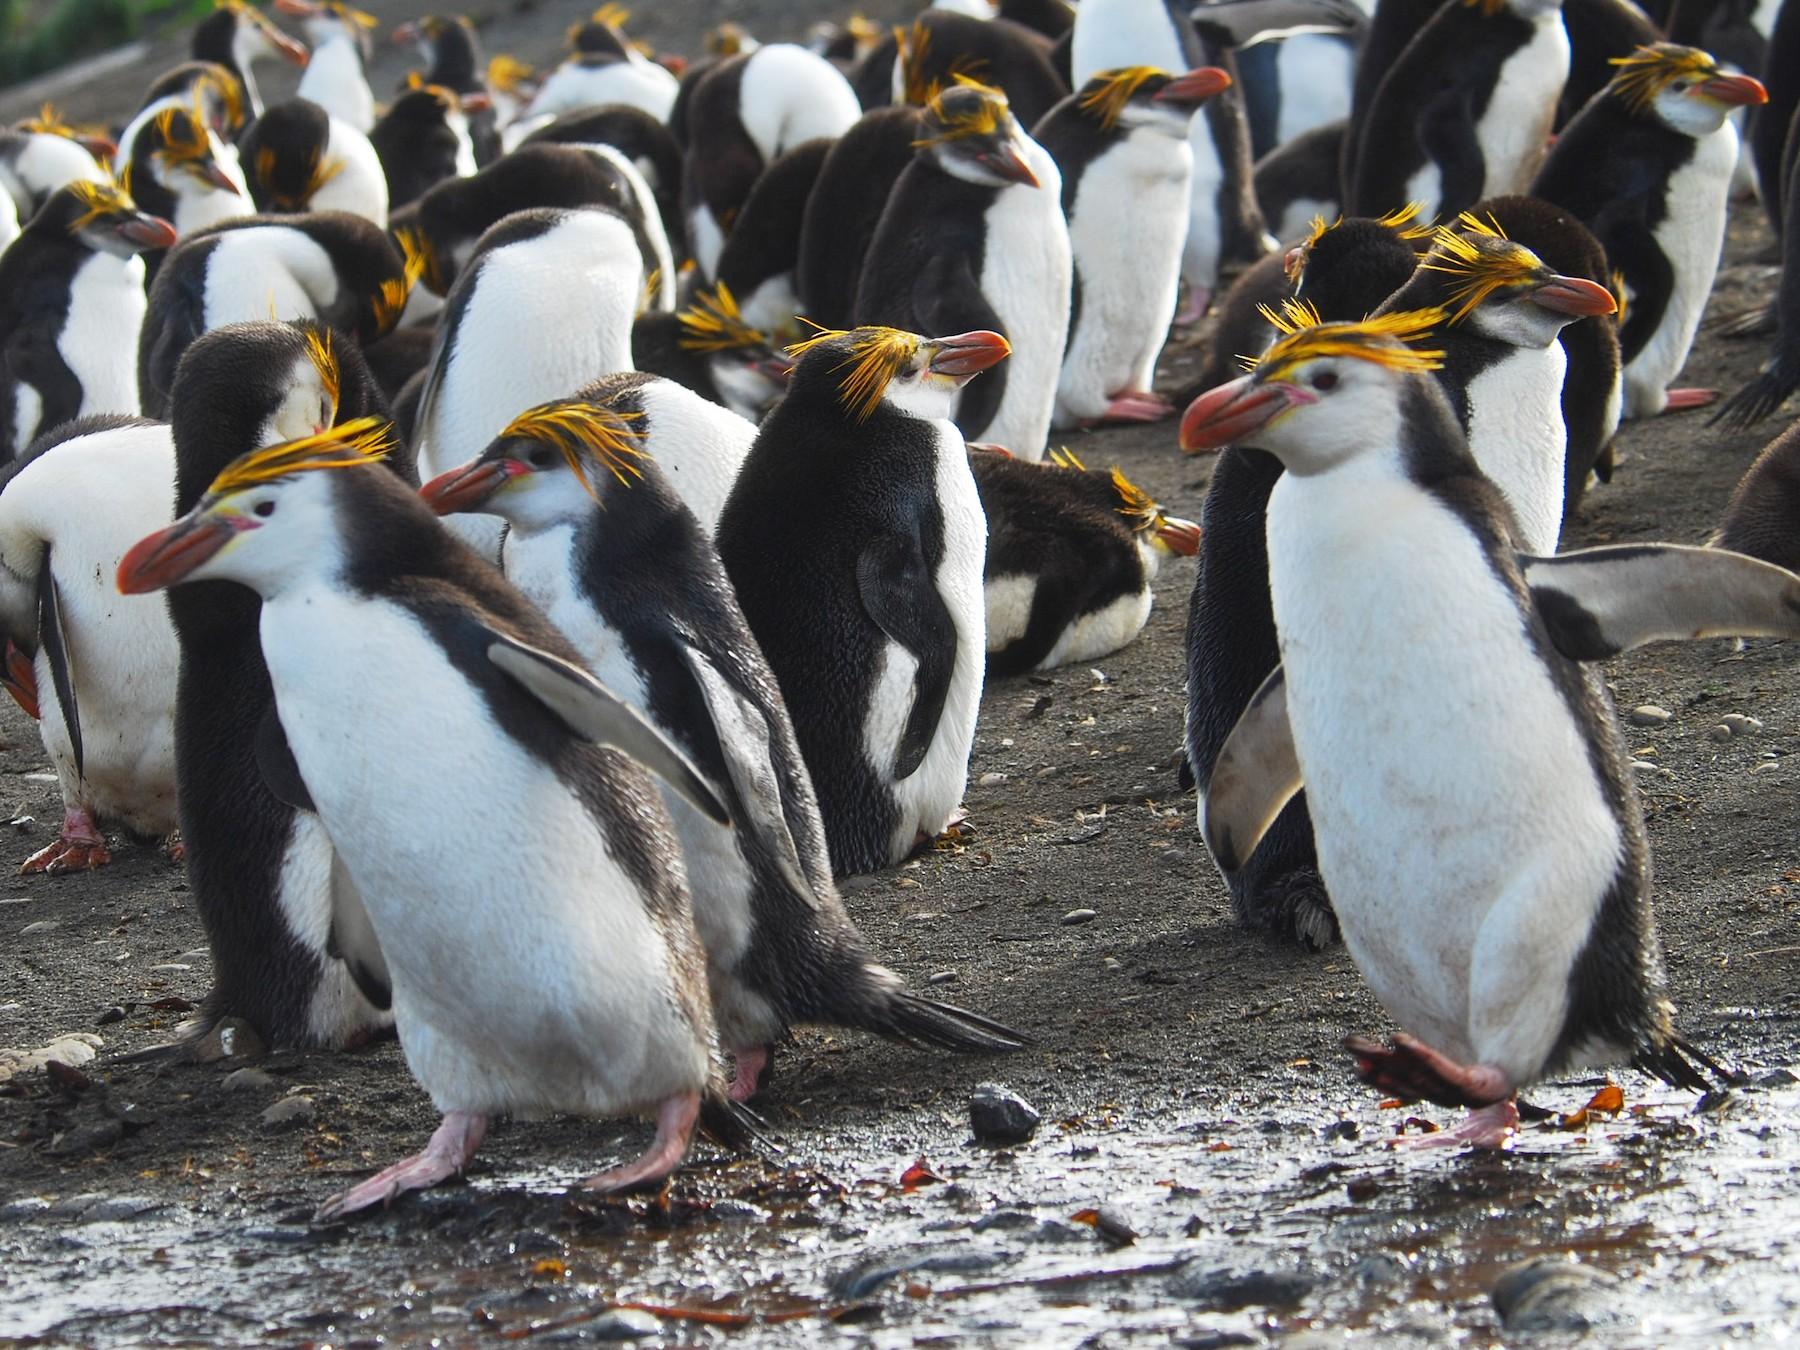 Royal Penguin - Santiago Imberti